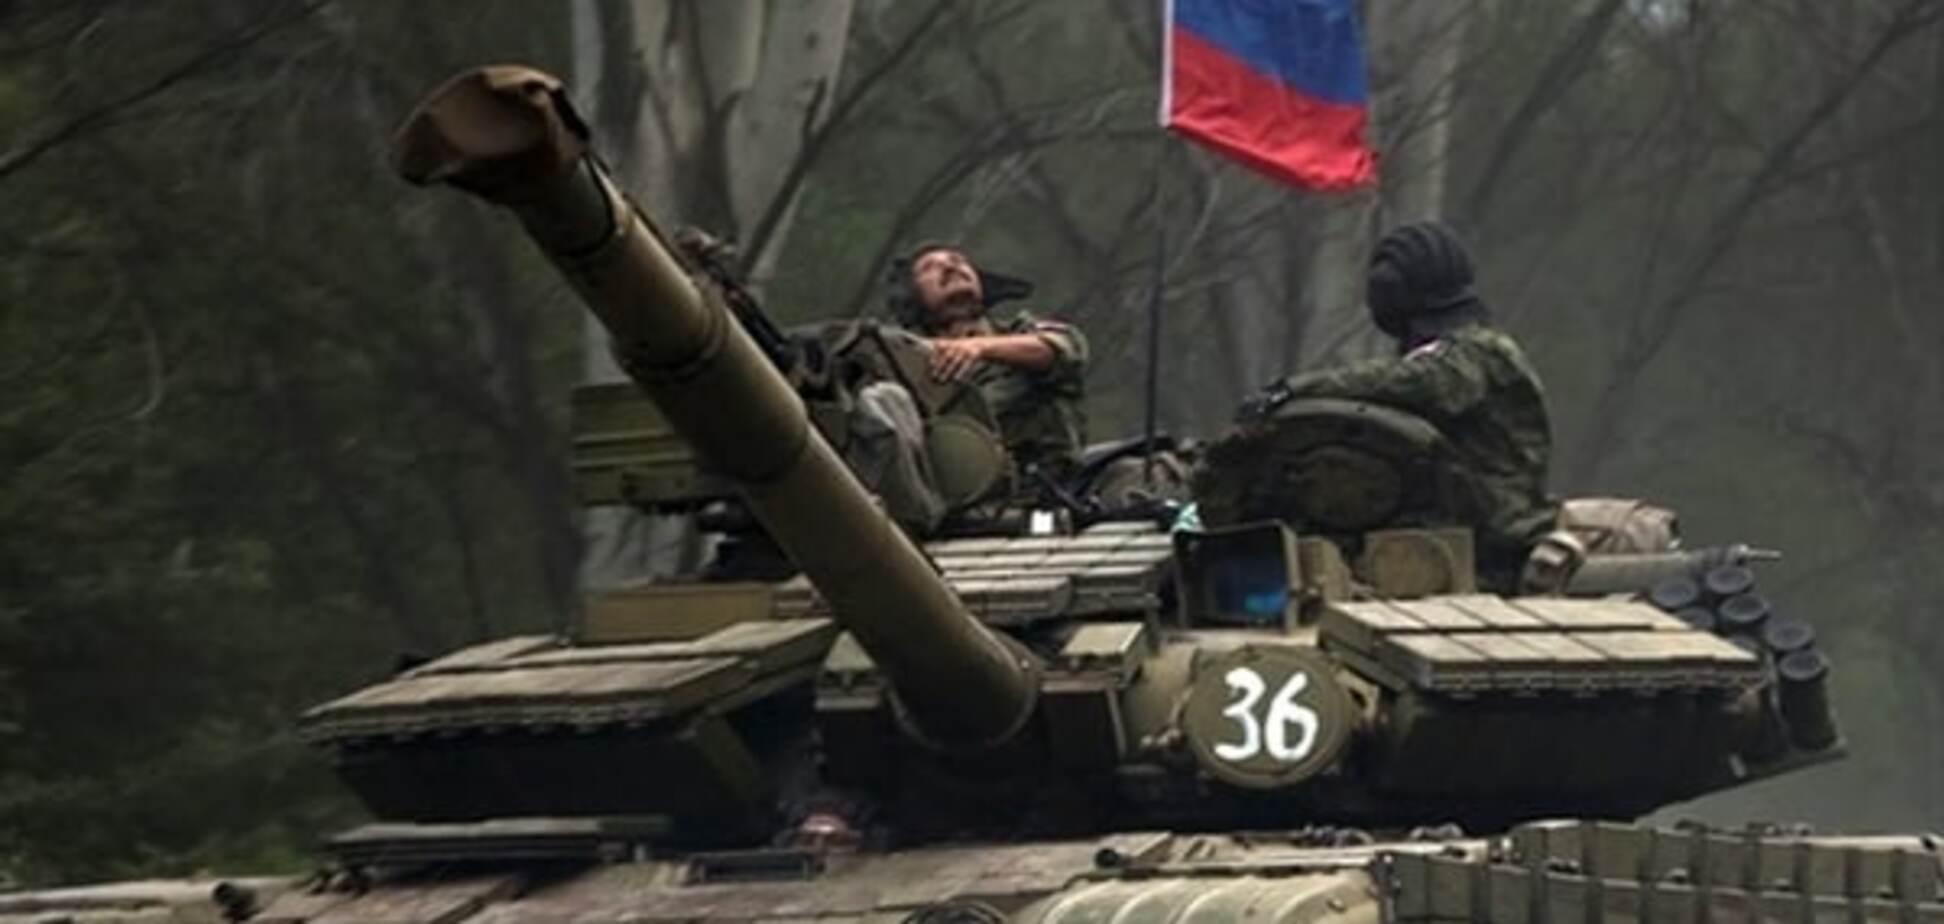 У зоні АТО готується серйозна атака, через кордон вторглися нові війська Росії - Тимчук